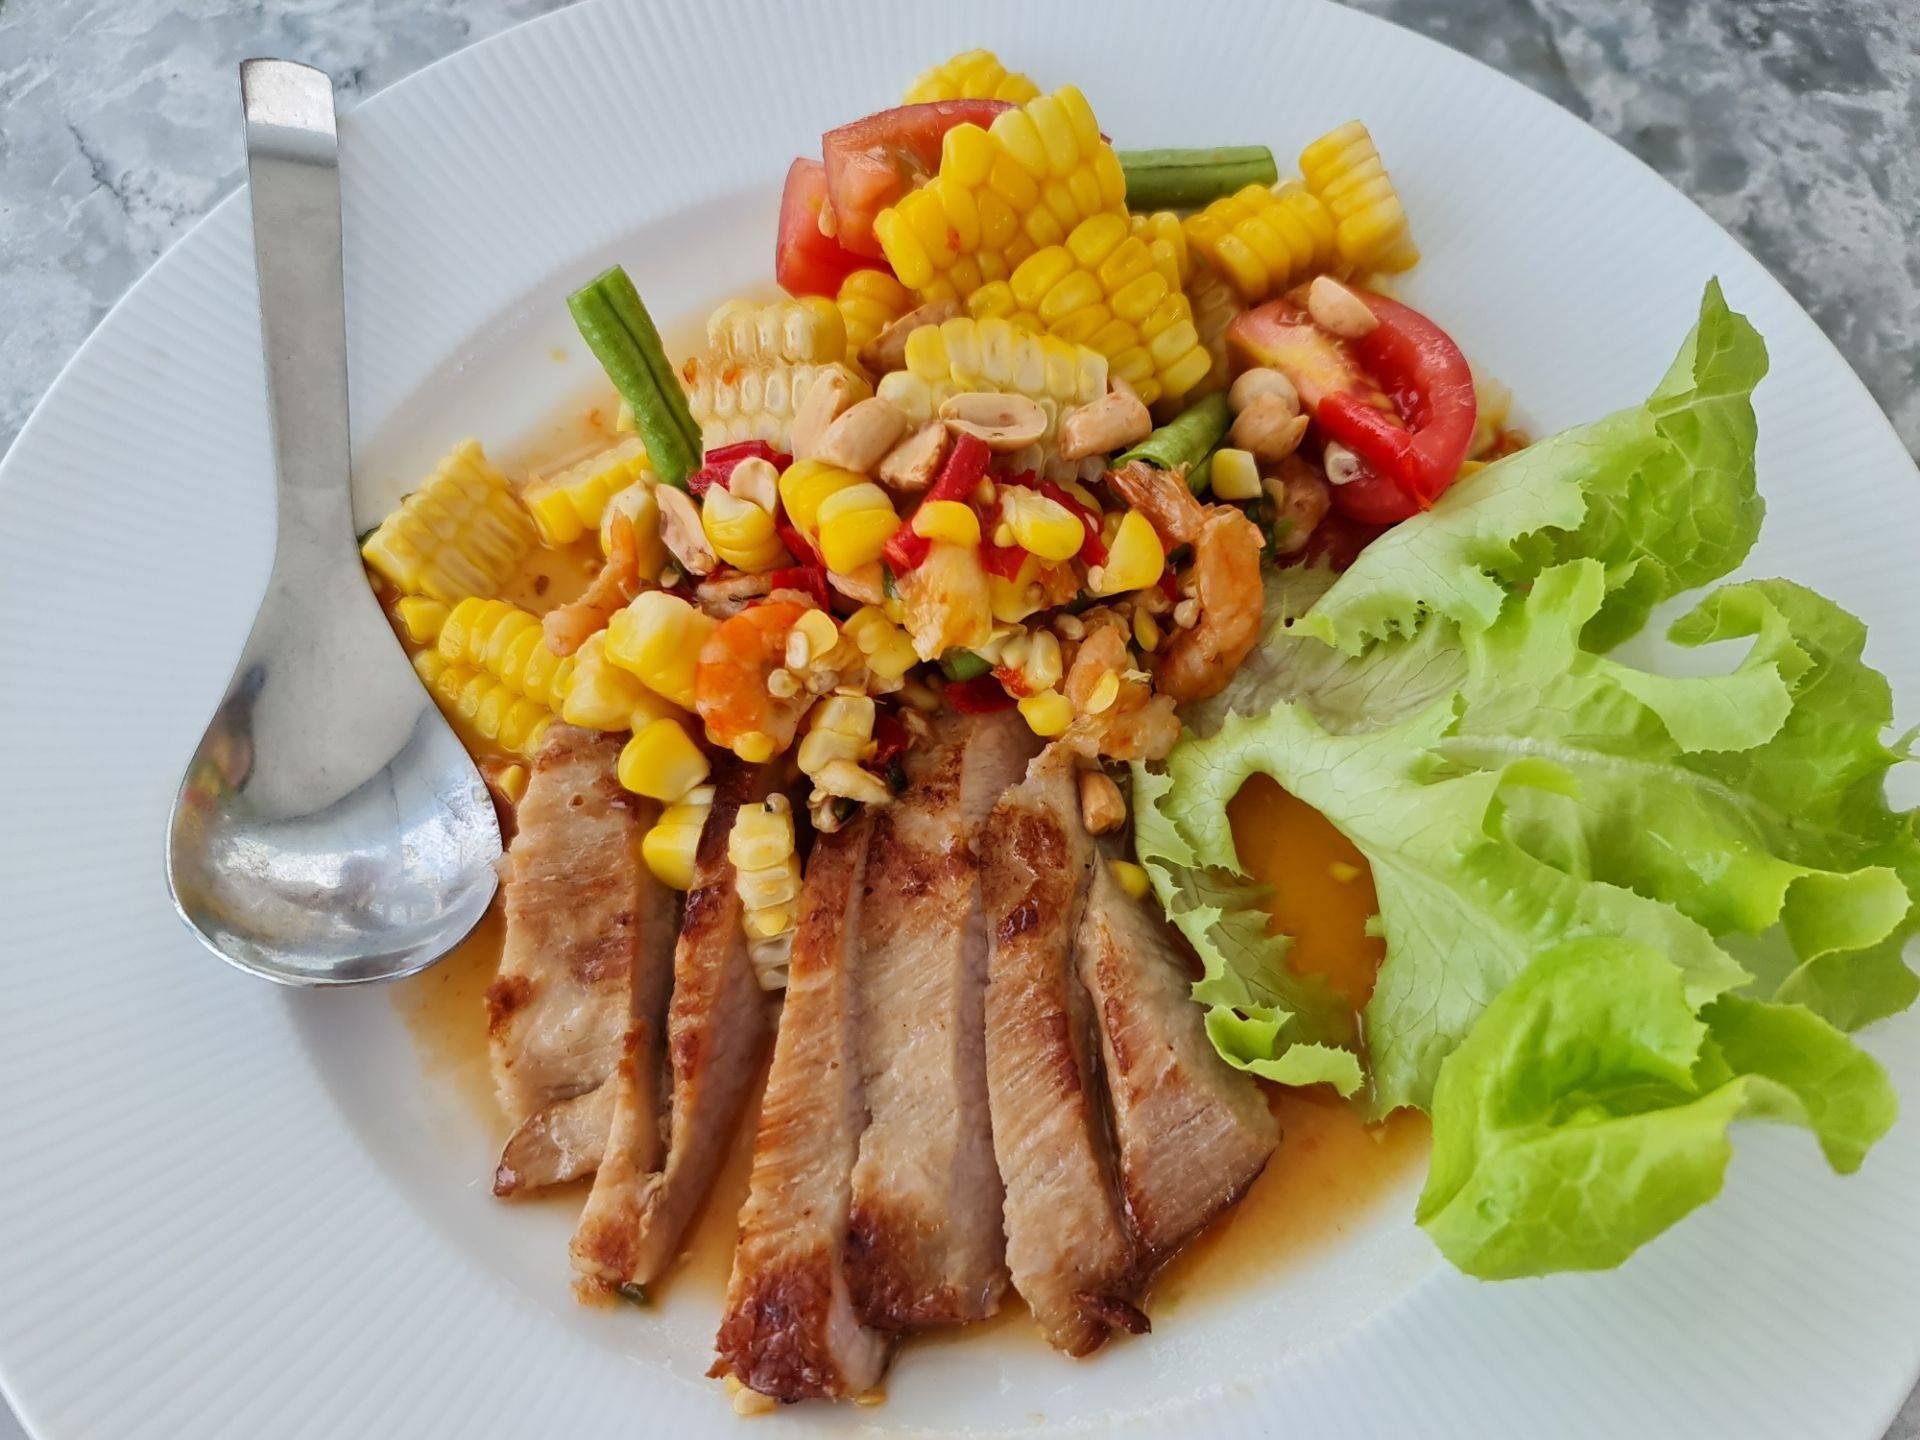 อร่อยลงตัว ทั้งผัก ข้าวโพด และเนื้อคอหมูย่าง